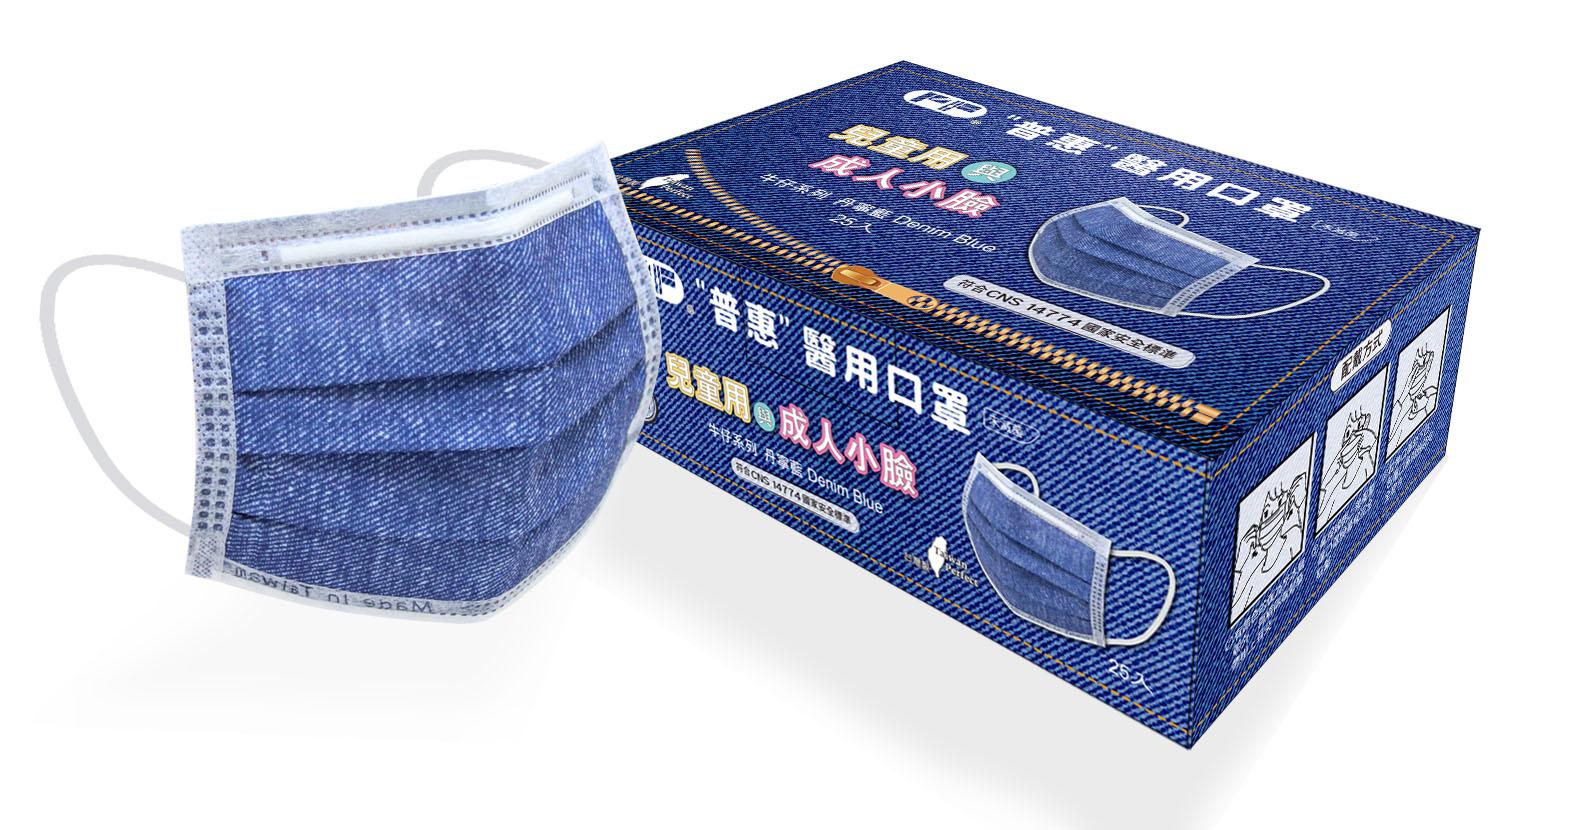 【普惠醫工】兒童與成人小臉 防疫醫用口罩 丹寧藍 (25片2盒) 14.5X9.5公分